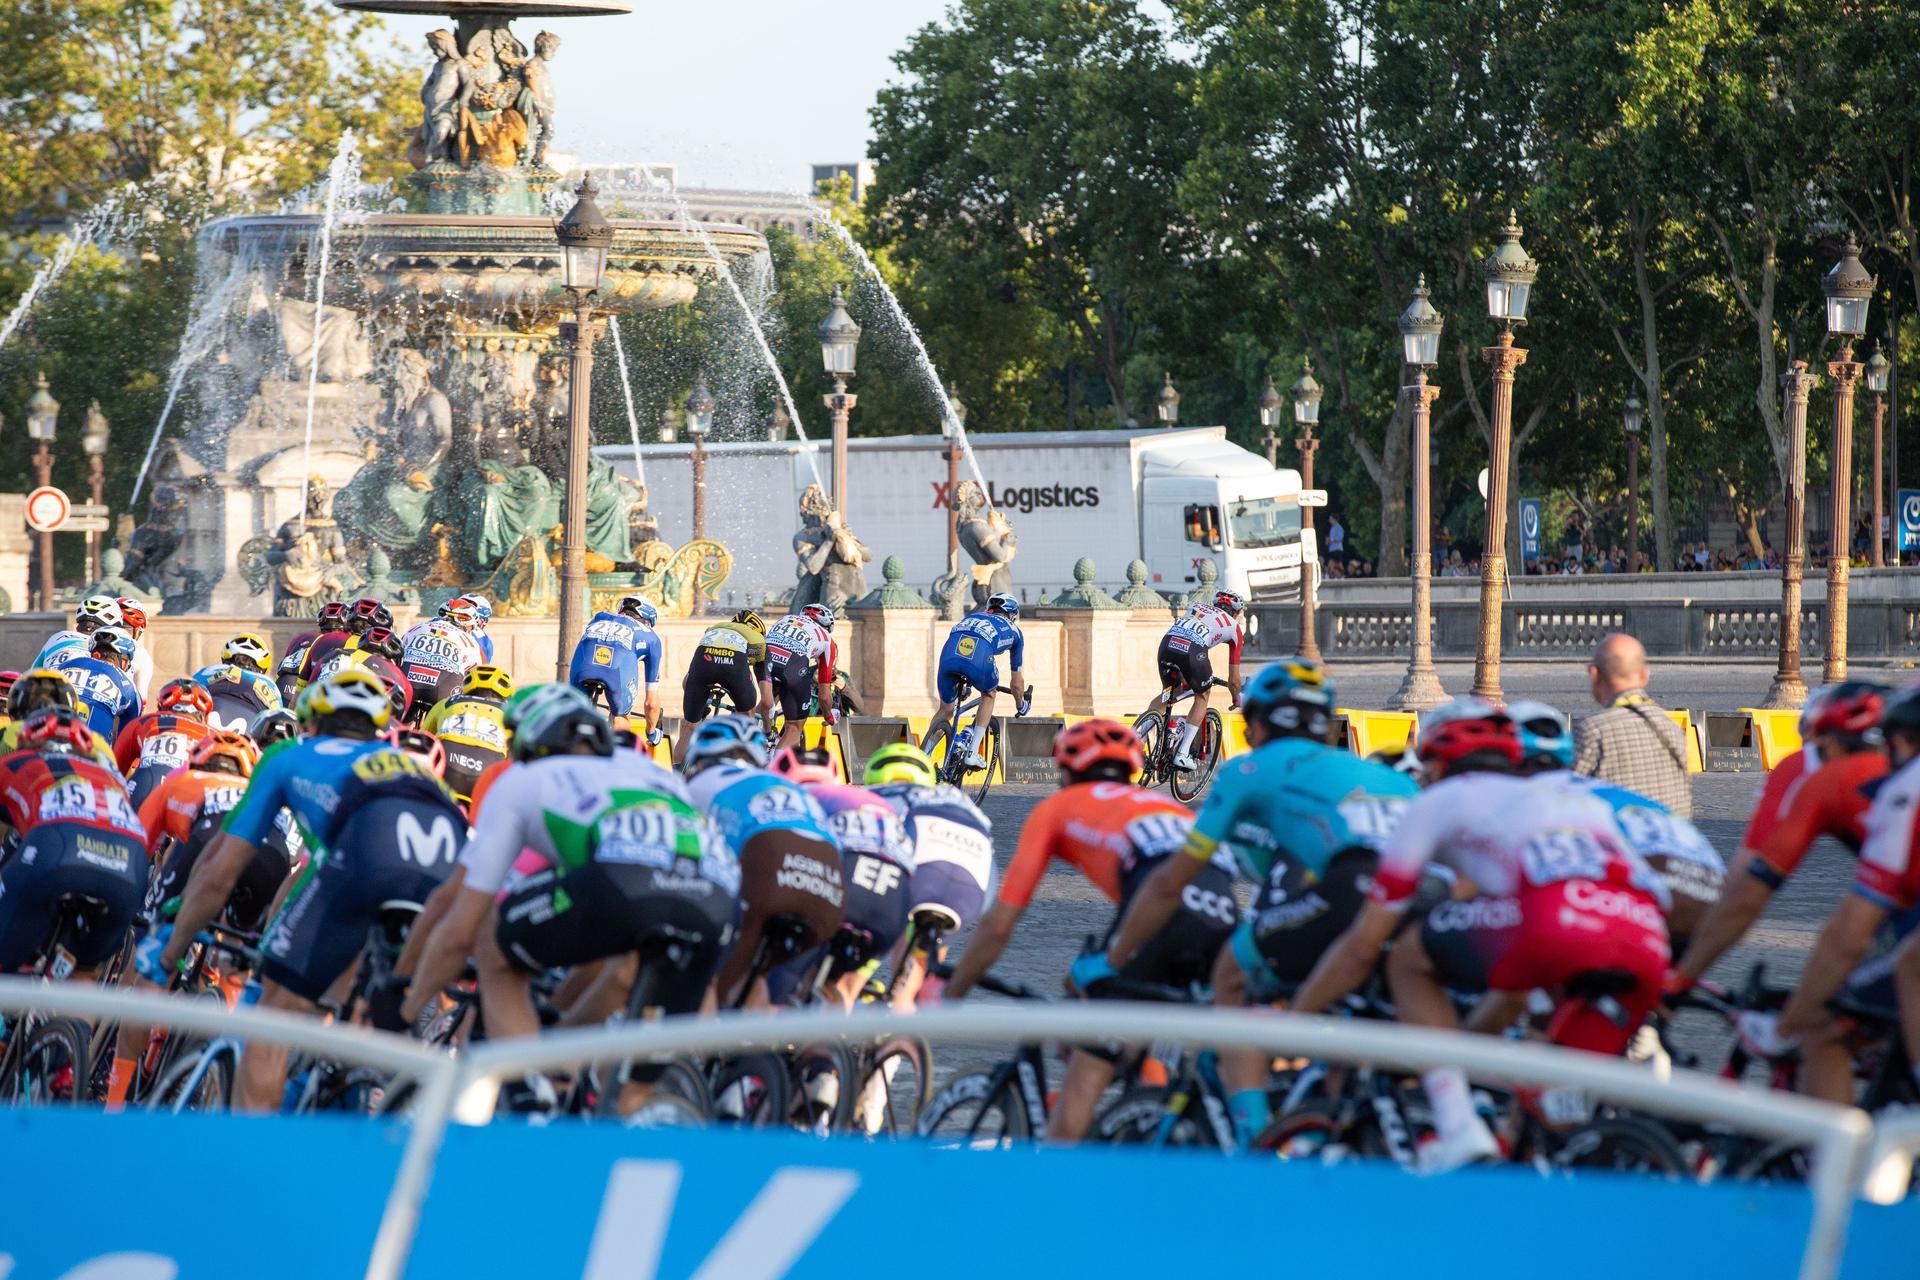 40th Tour de France